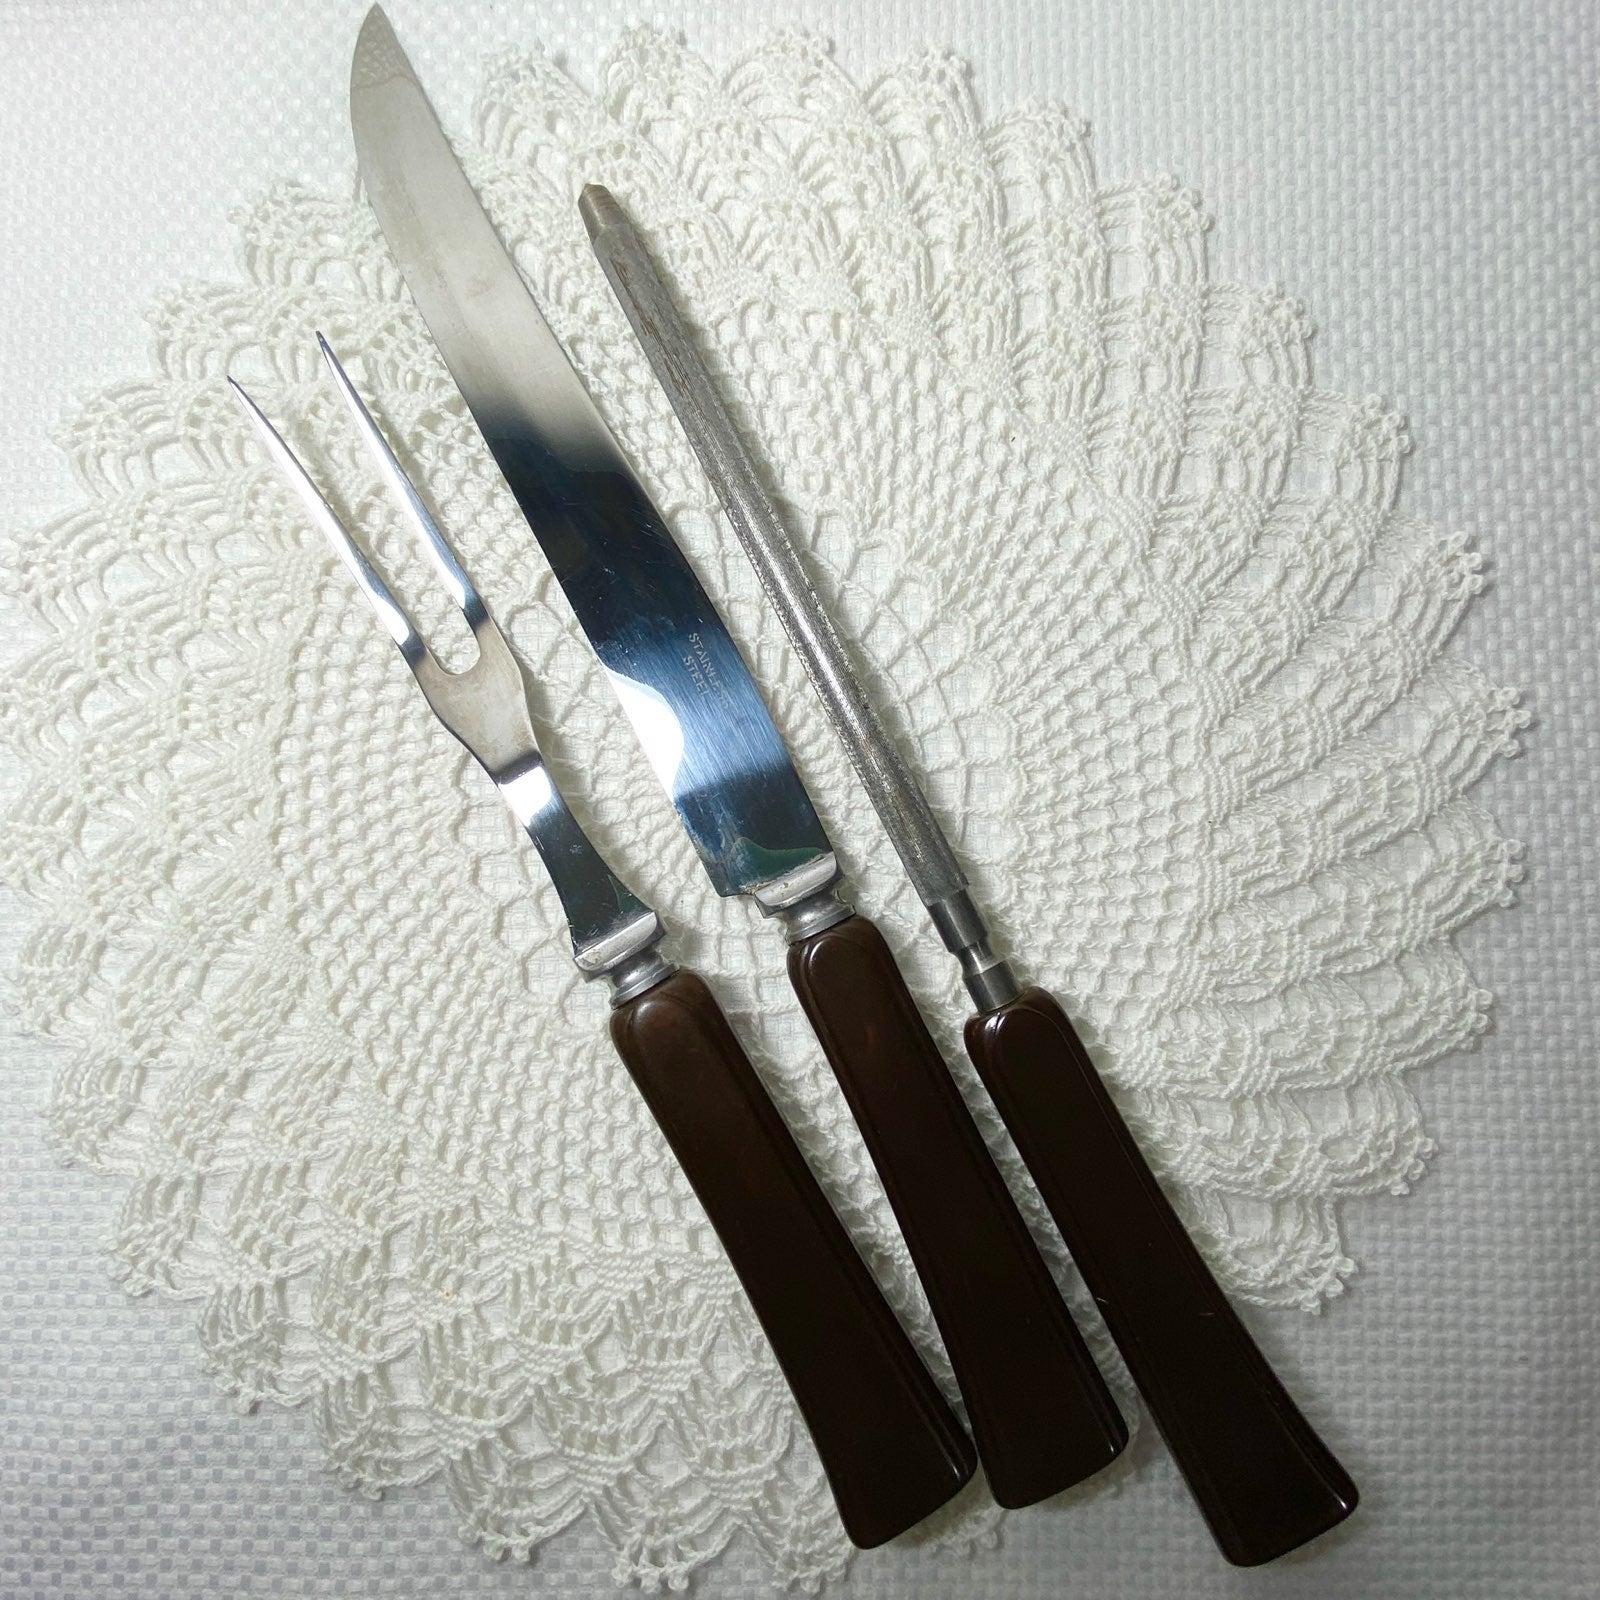 Vintage Bakelite Carving Cutlery Set